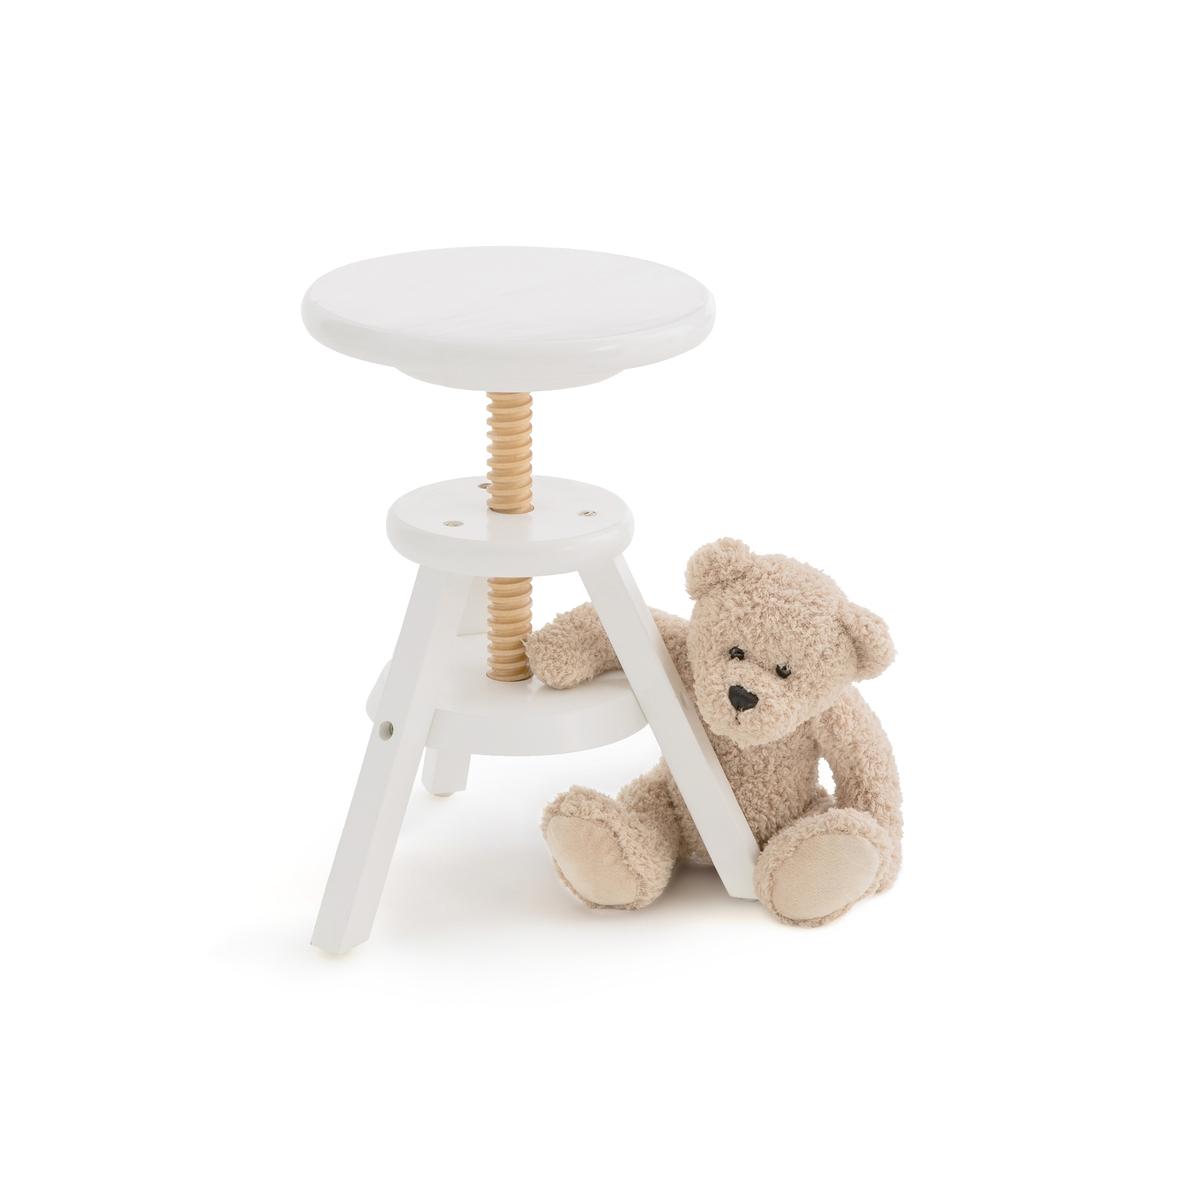 Табурет LaRedoute Детский регулируемый по высоте Gaby единый размер белый